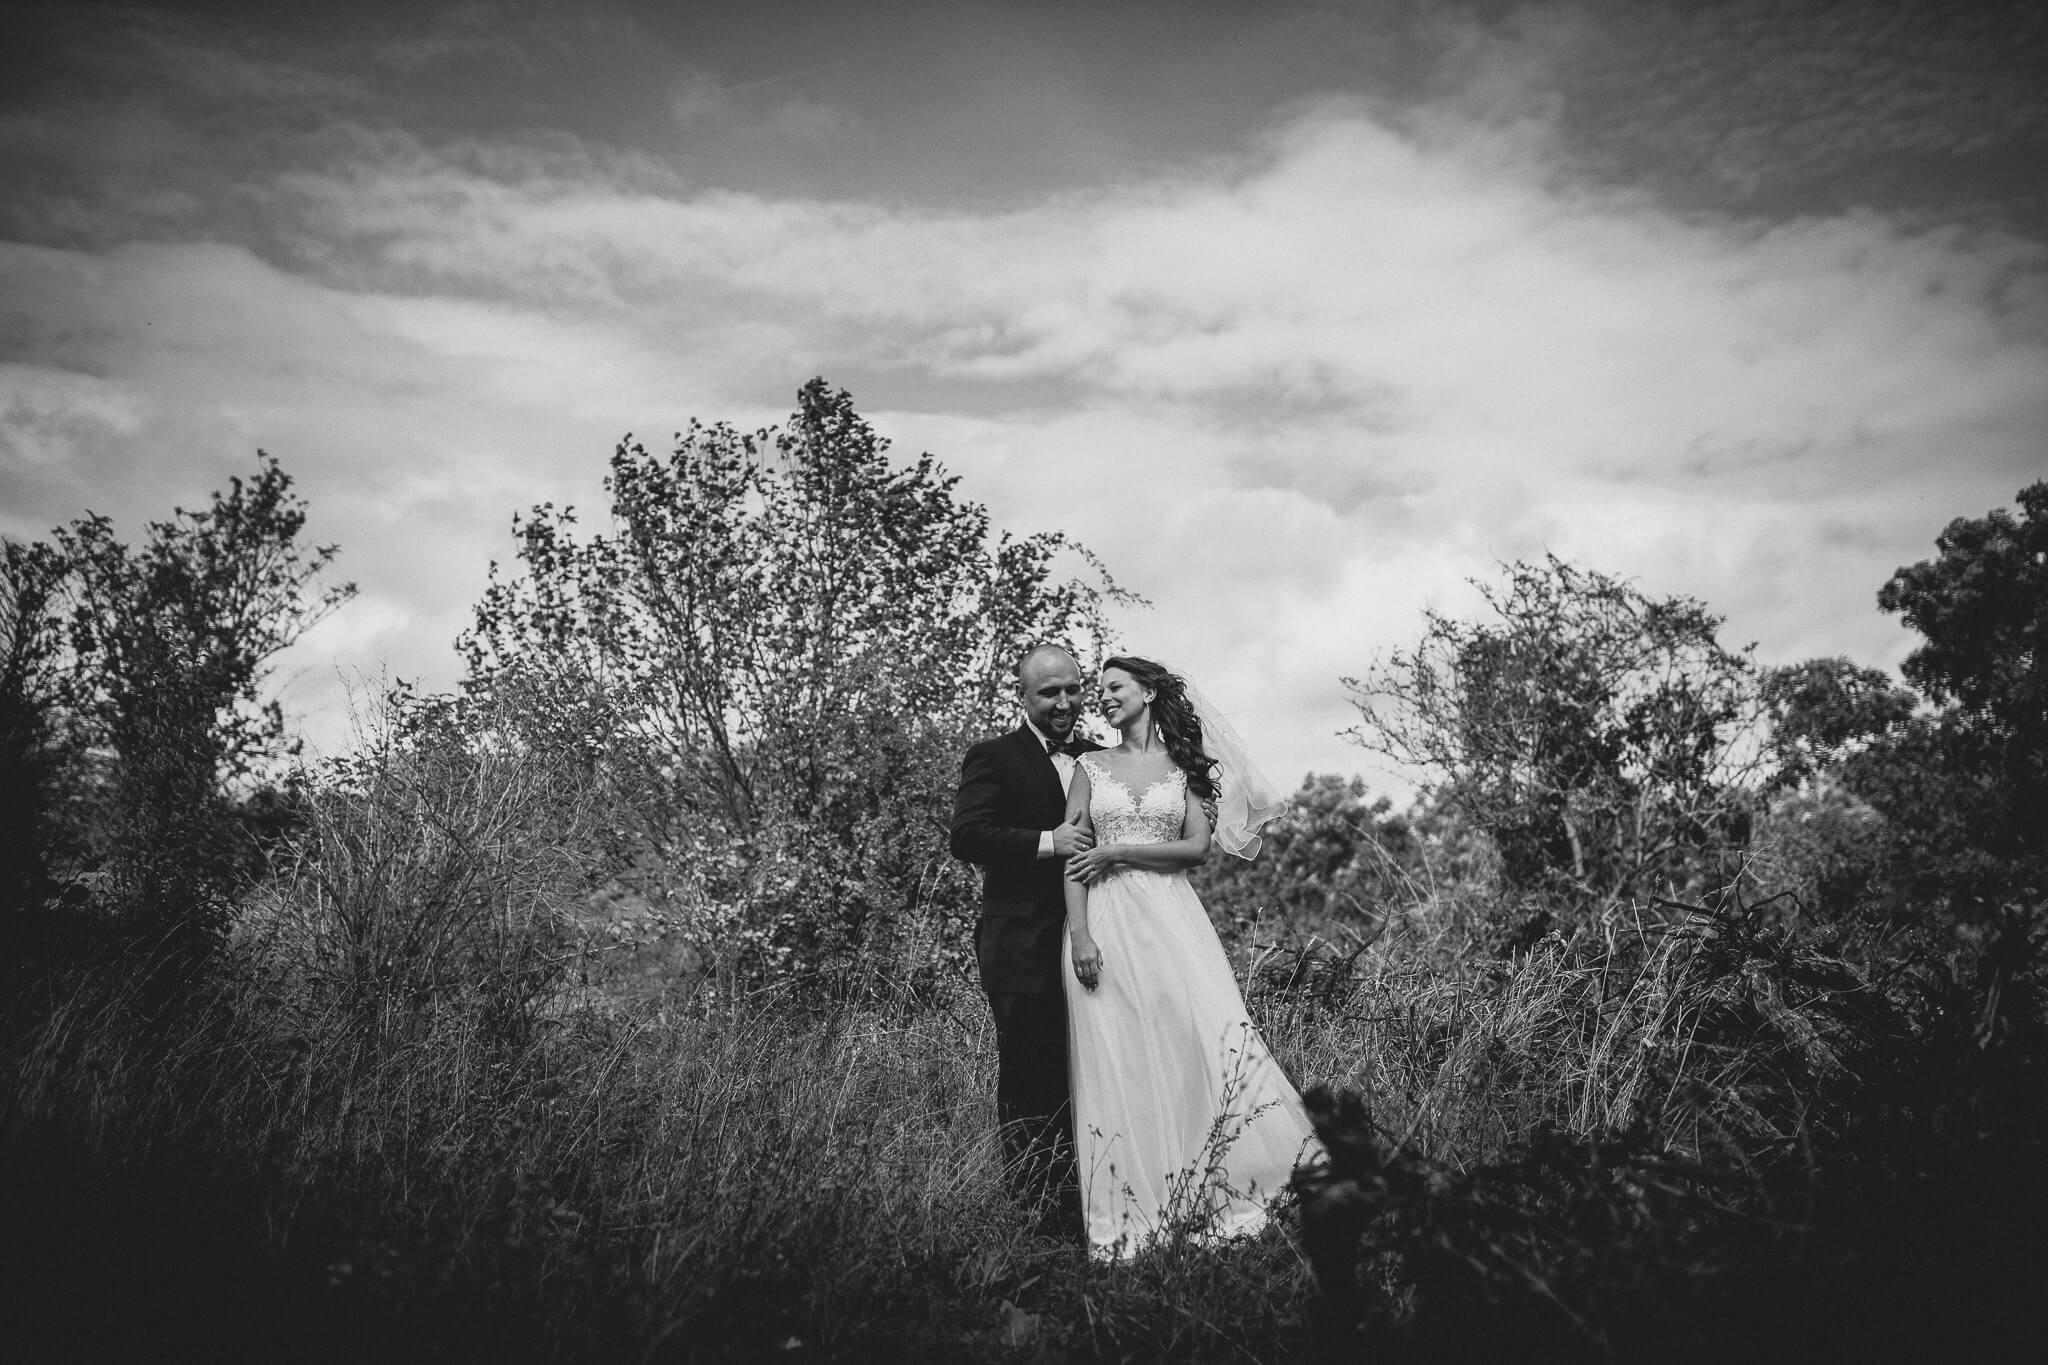 Als Hochzeitsfotograf in Mörstadt - Jan und Anika 22